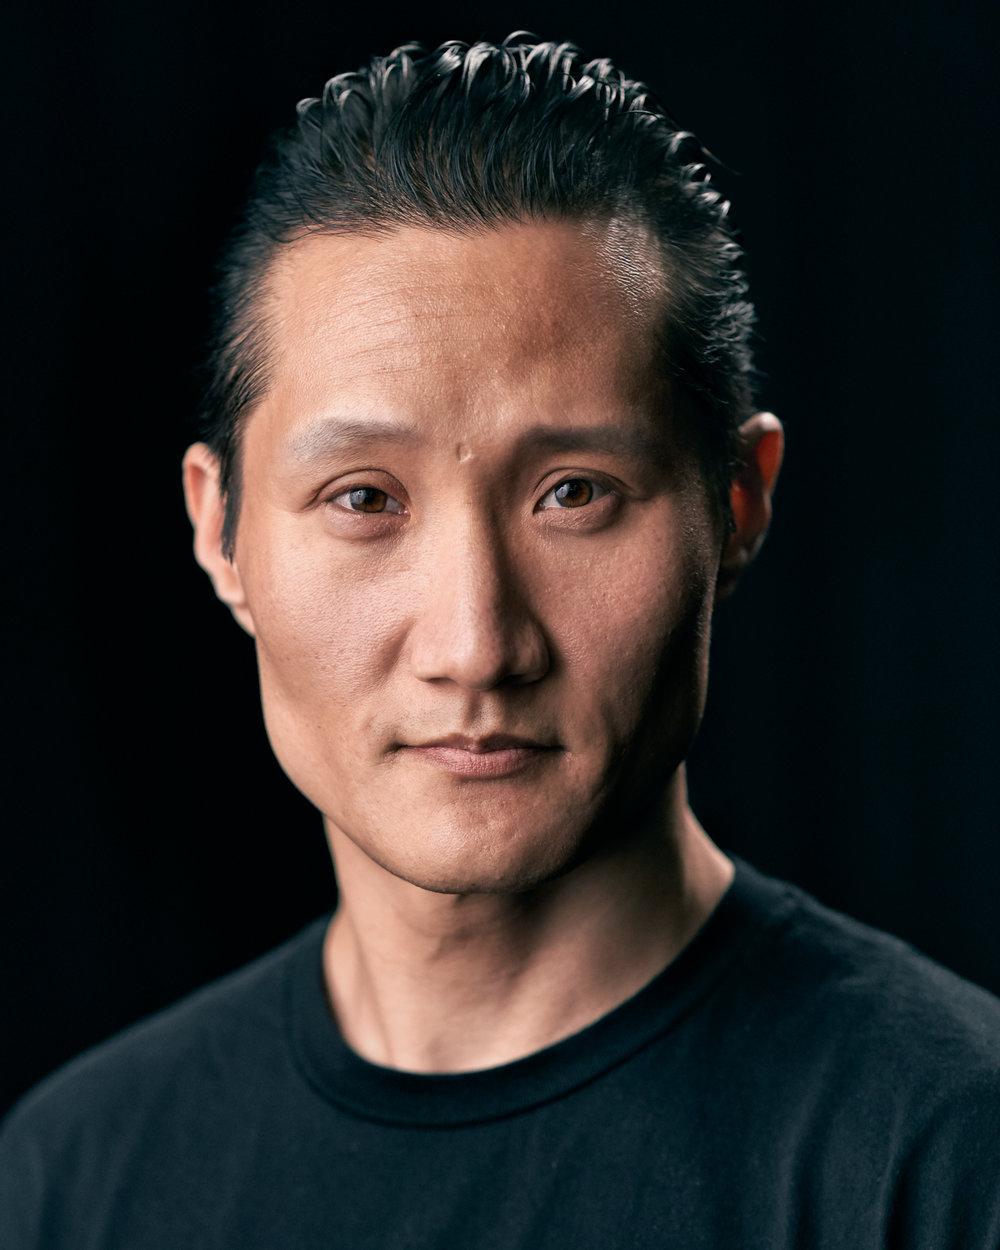 Steve Suh—UNITED STATESMARINE CORPS